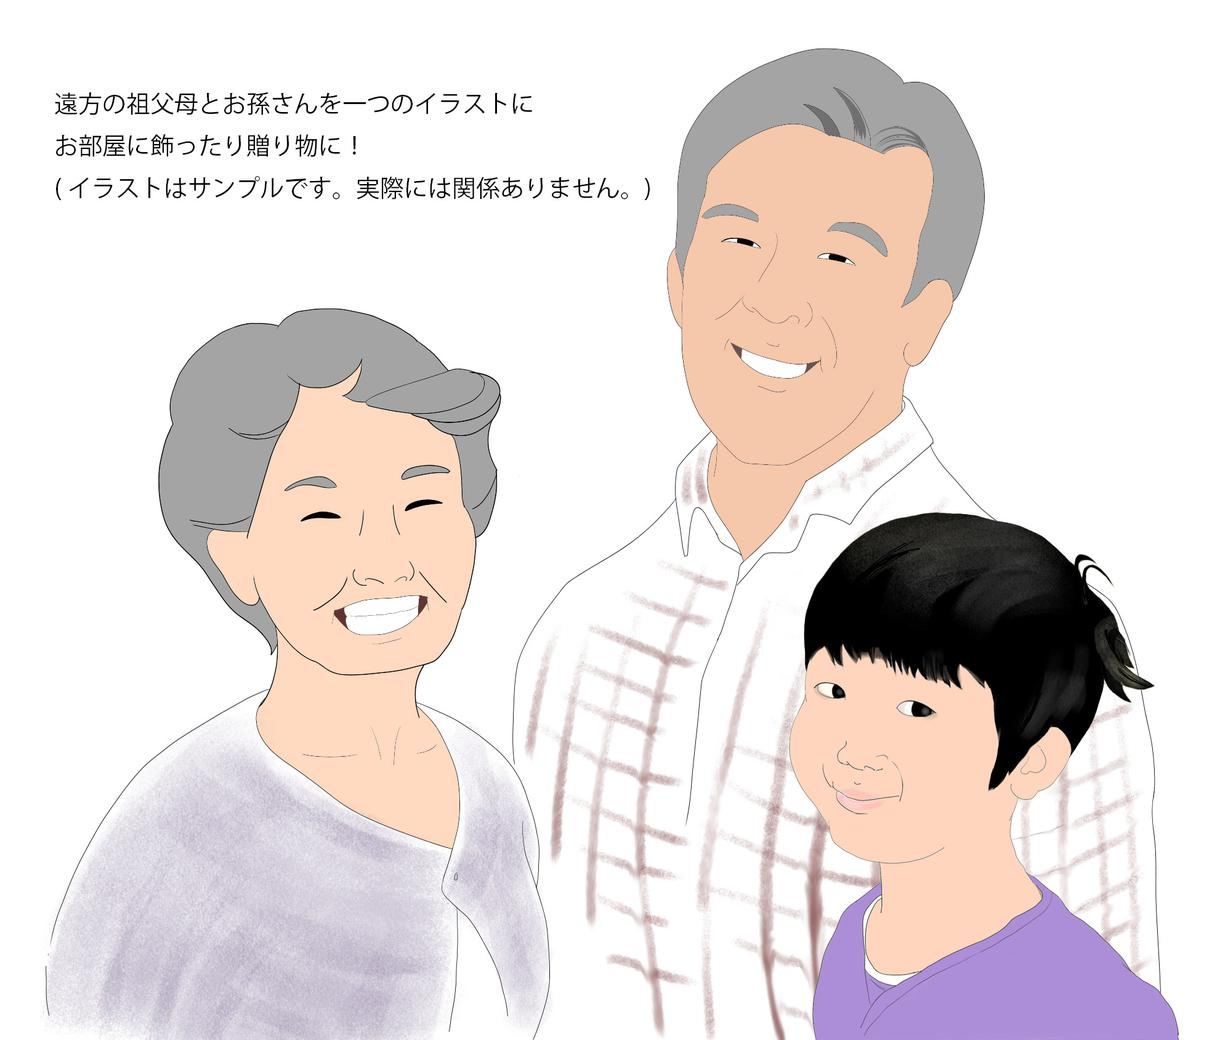 家族の似顔絵・デジタル手描き似顔絵描きます プレゼントにサラリとしたデフォルメイラスト・水彩タッチの背景 イメージ1